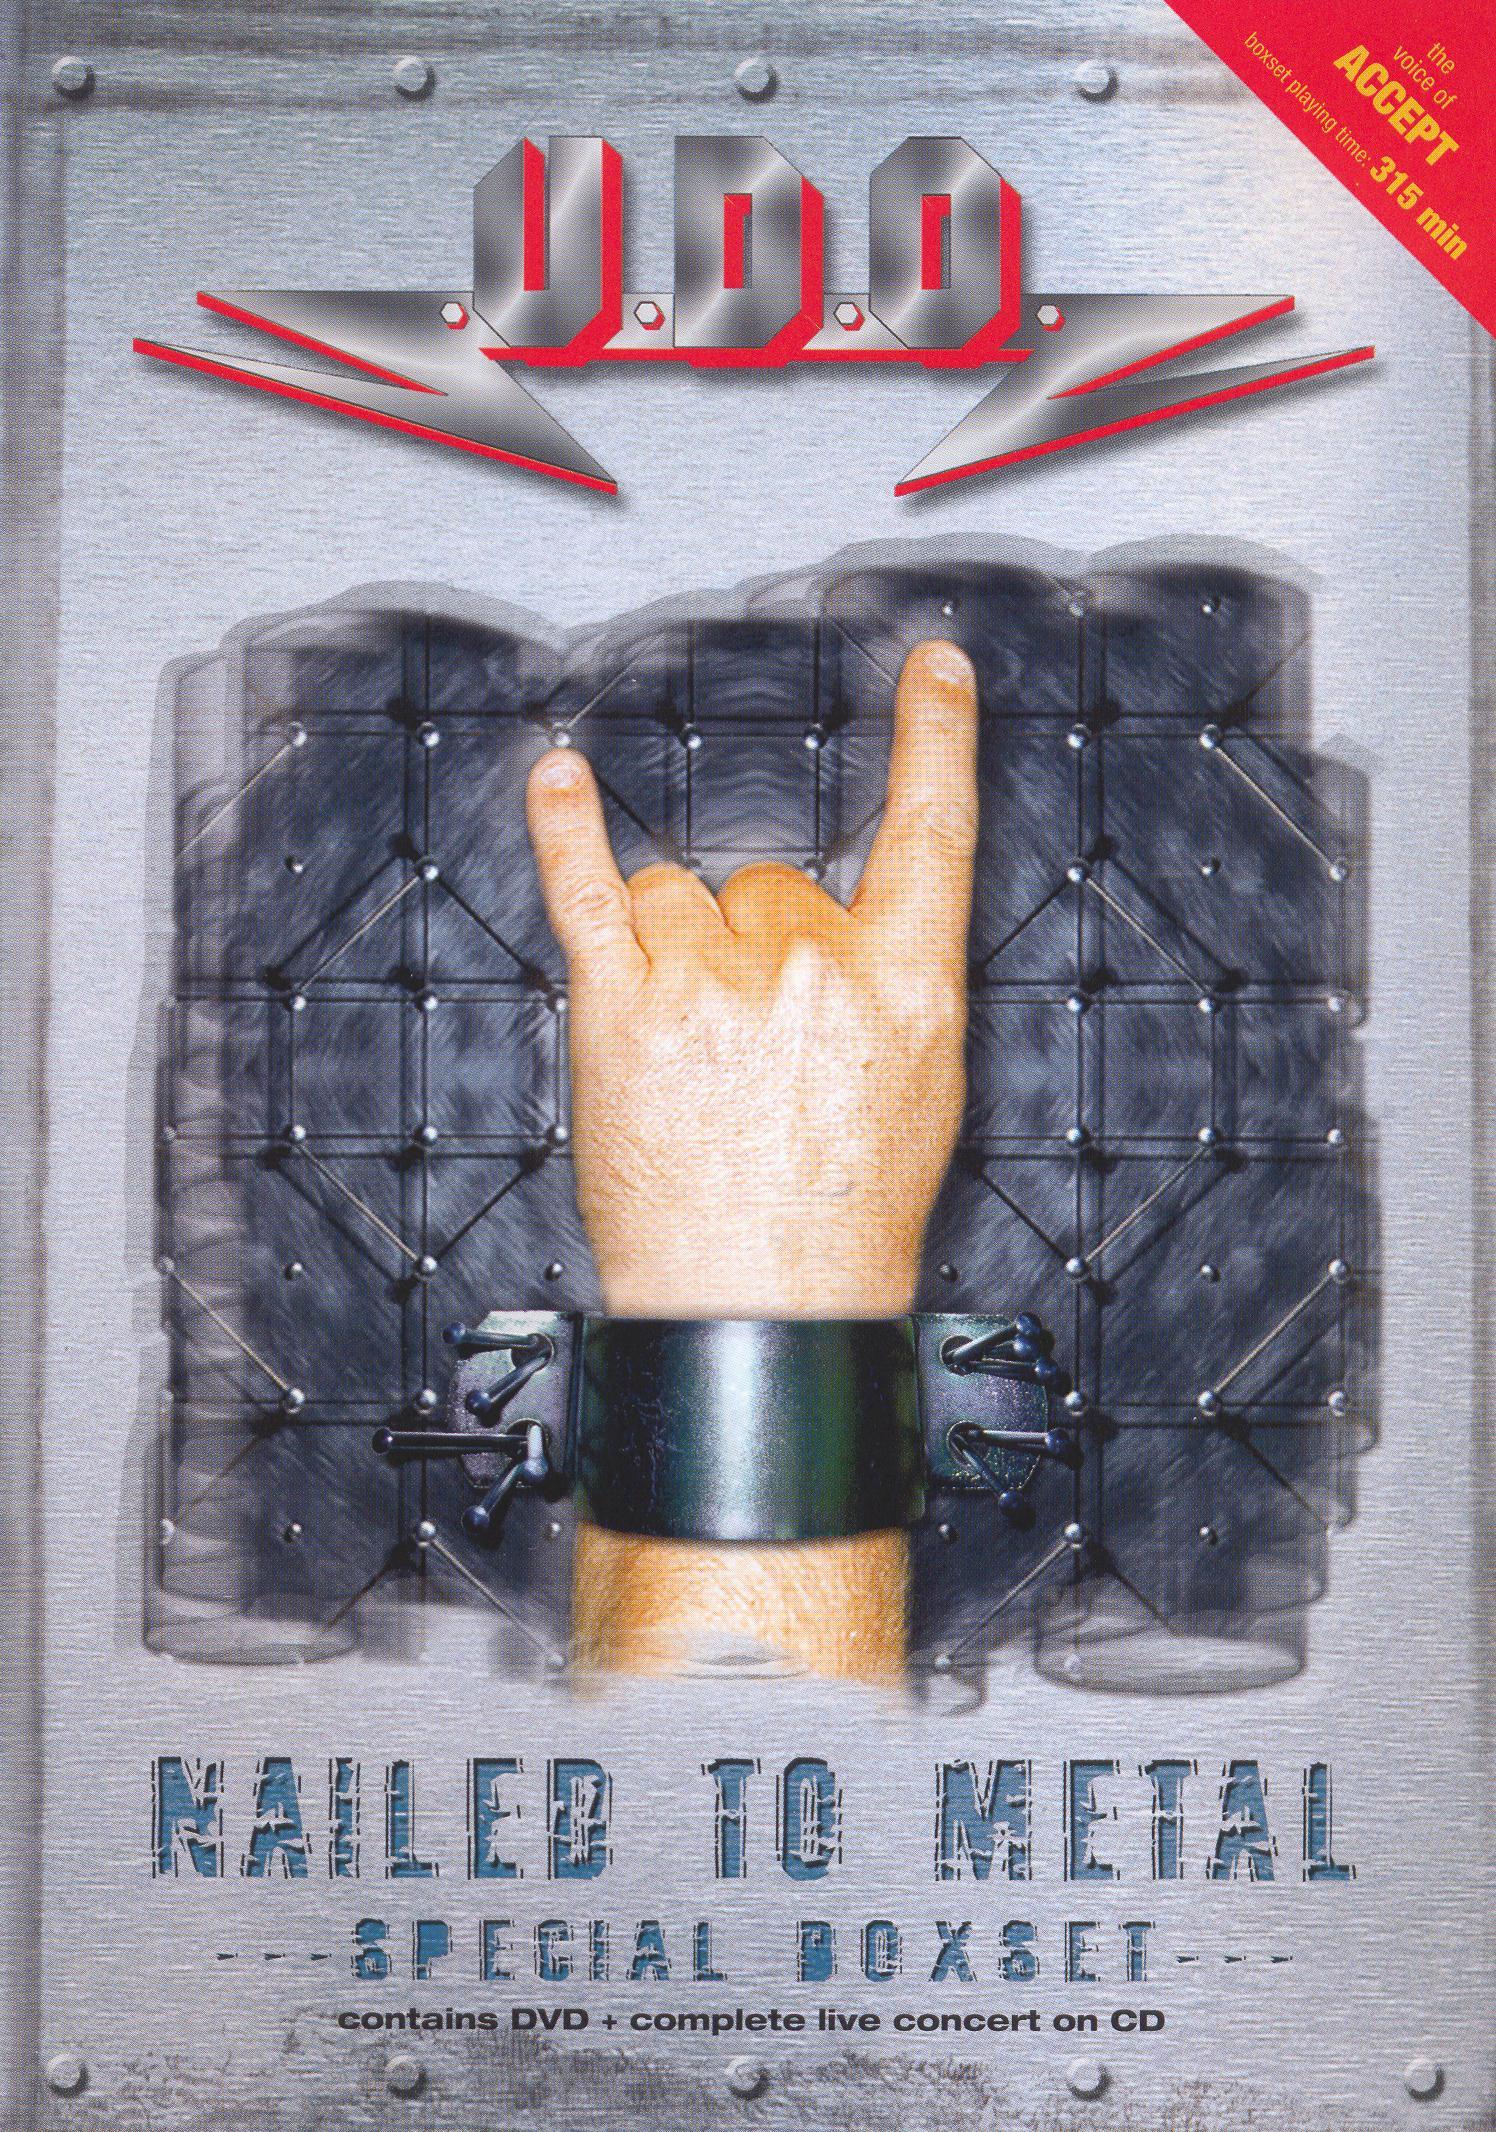 U.D.O.: Nailed To Metal